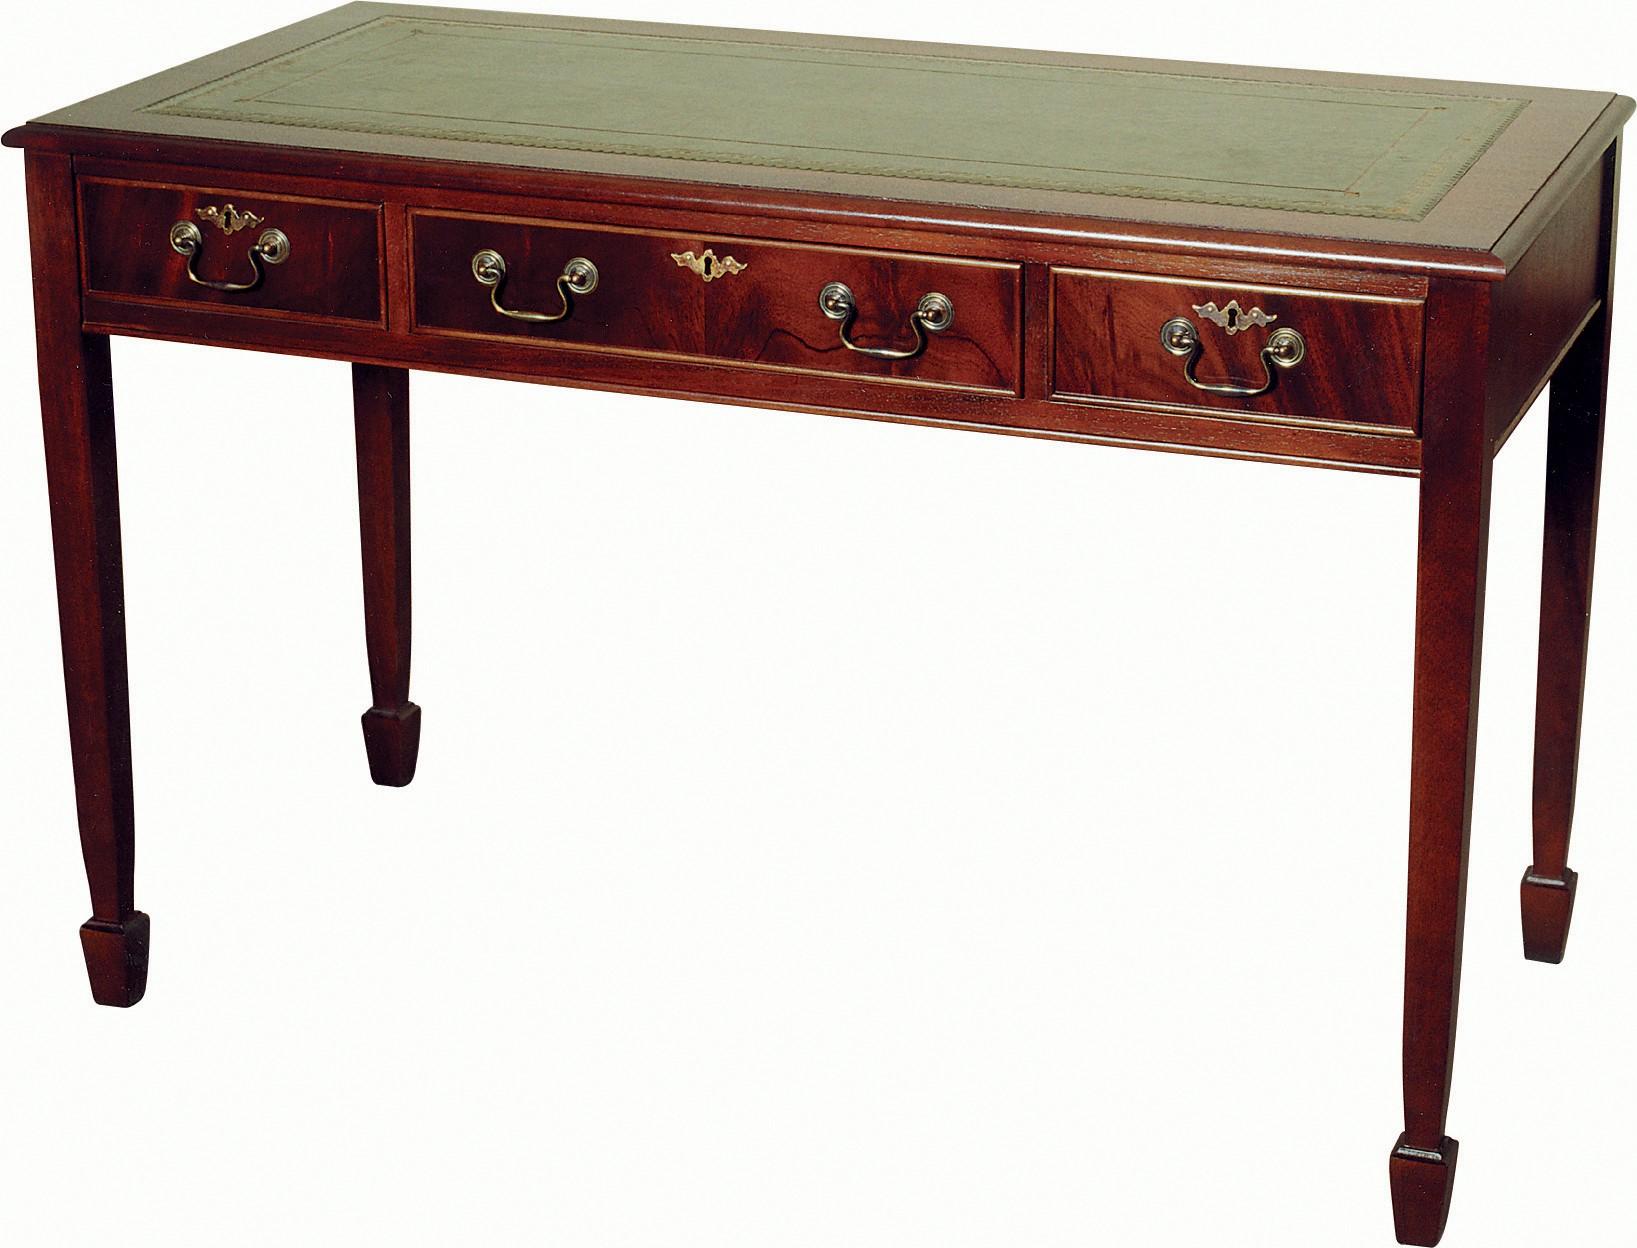 Bedroom Furniture Bronx 28 Images Bedroom Furniture Bronx 28 Images Bronx Size Grey Steel